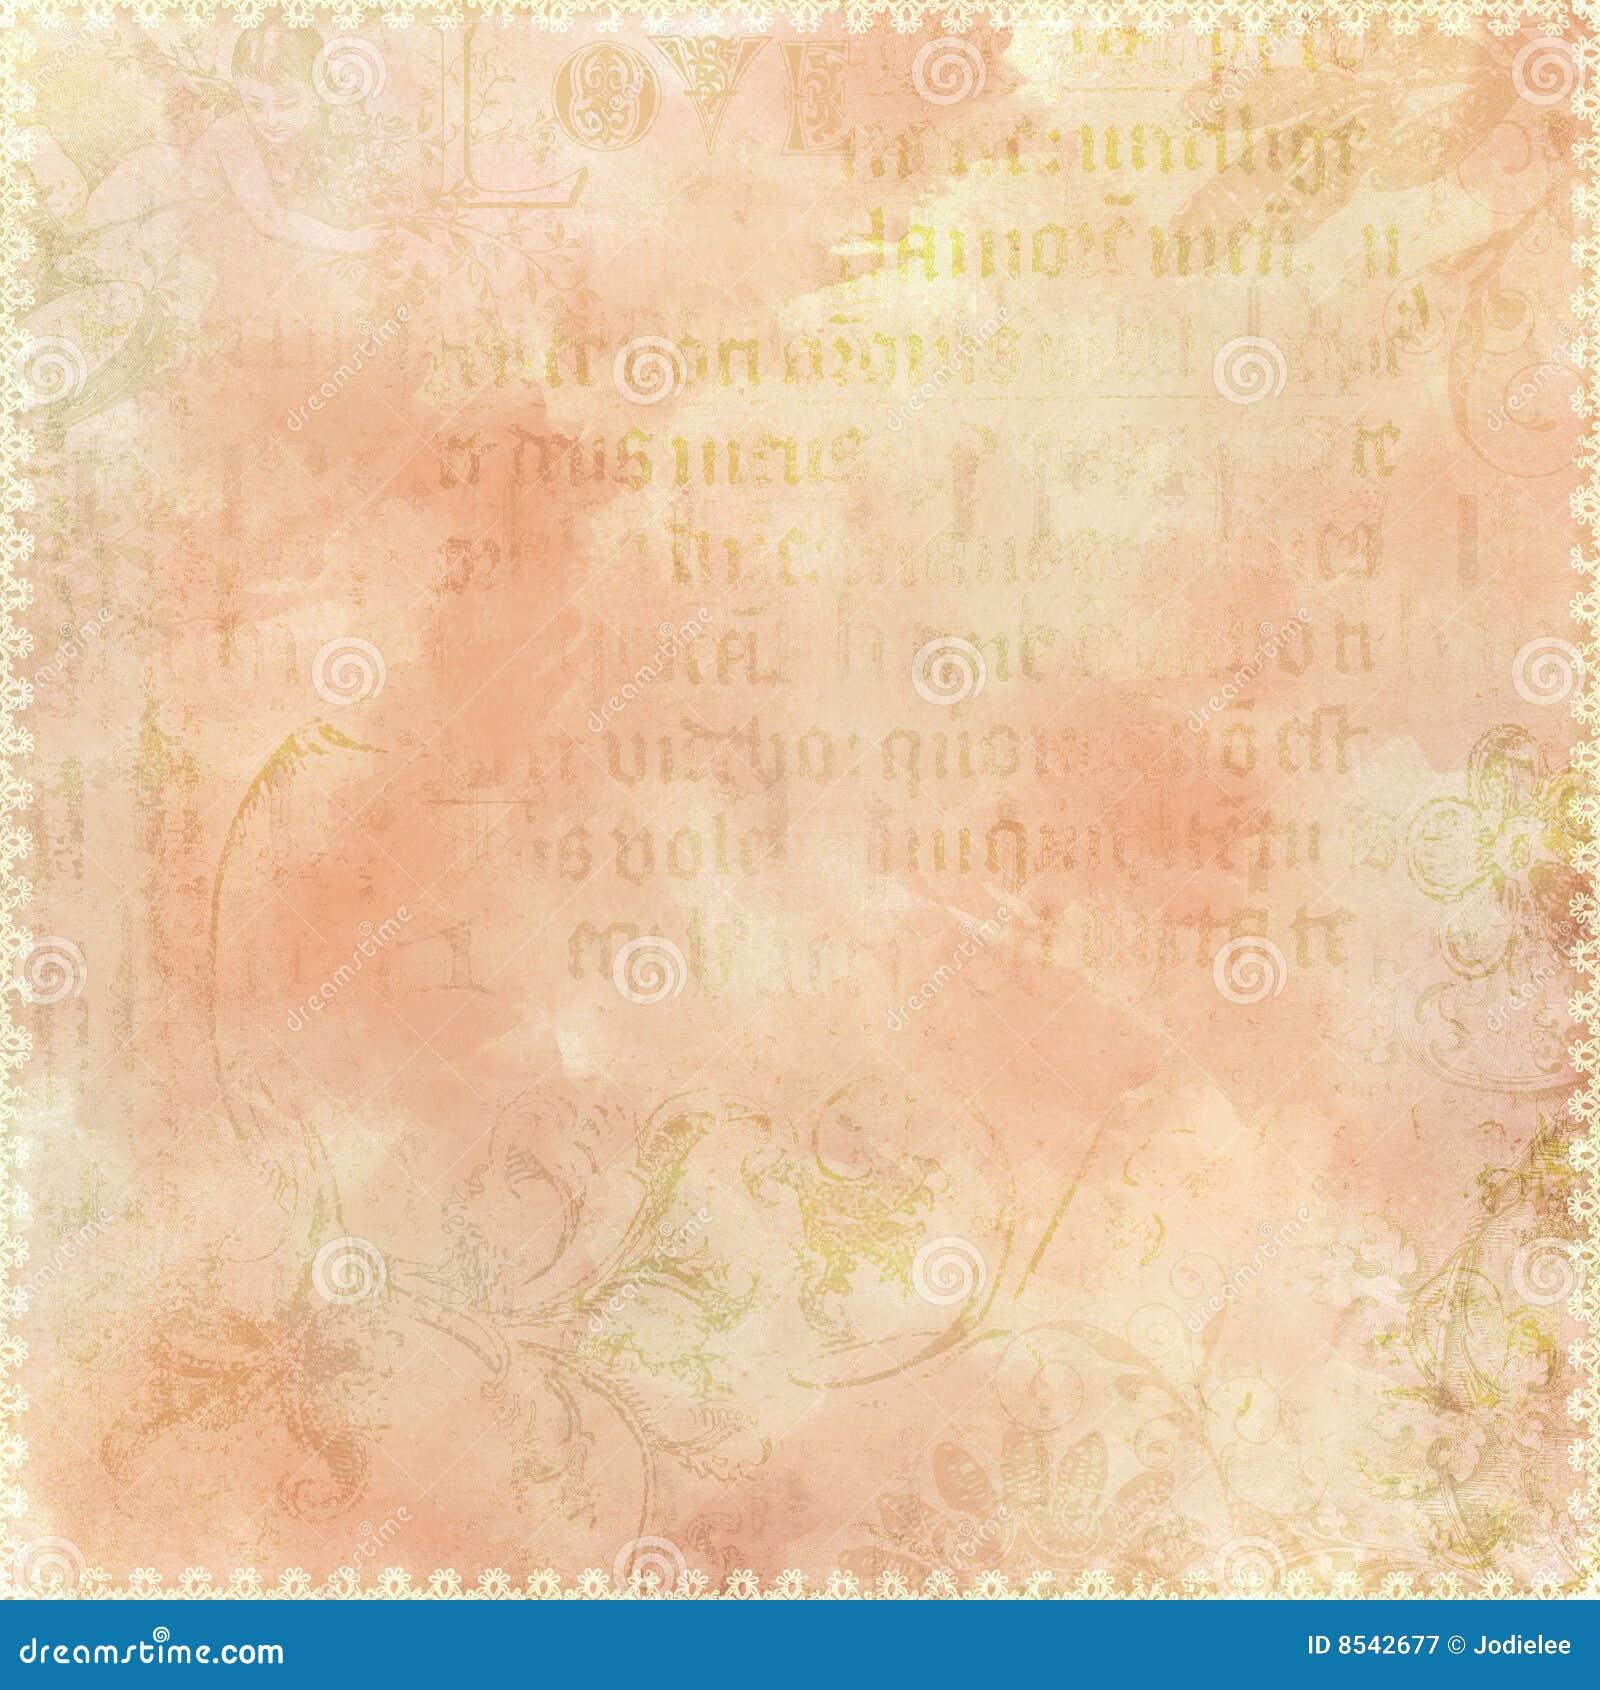 Vintage text antique background theme